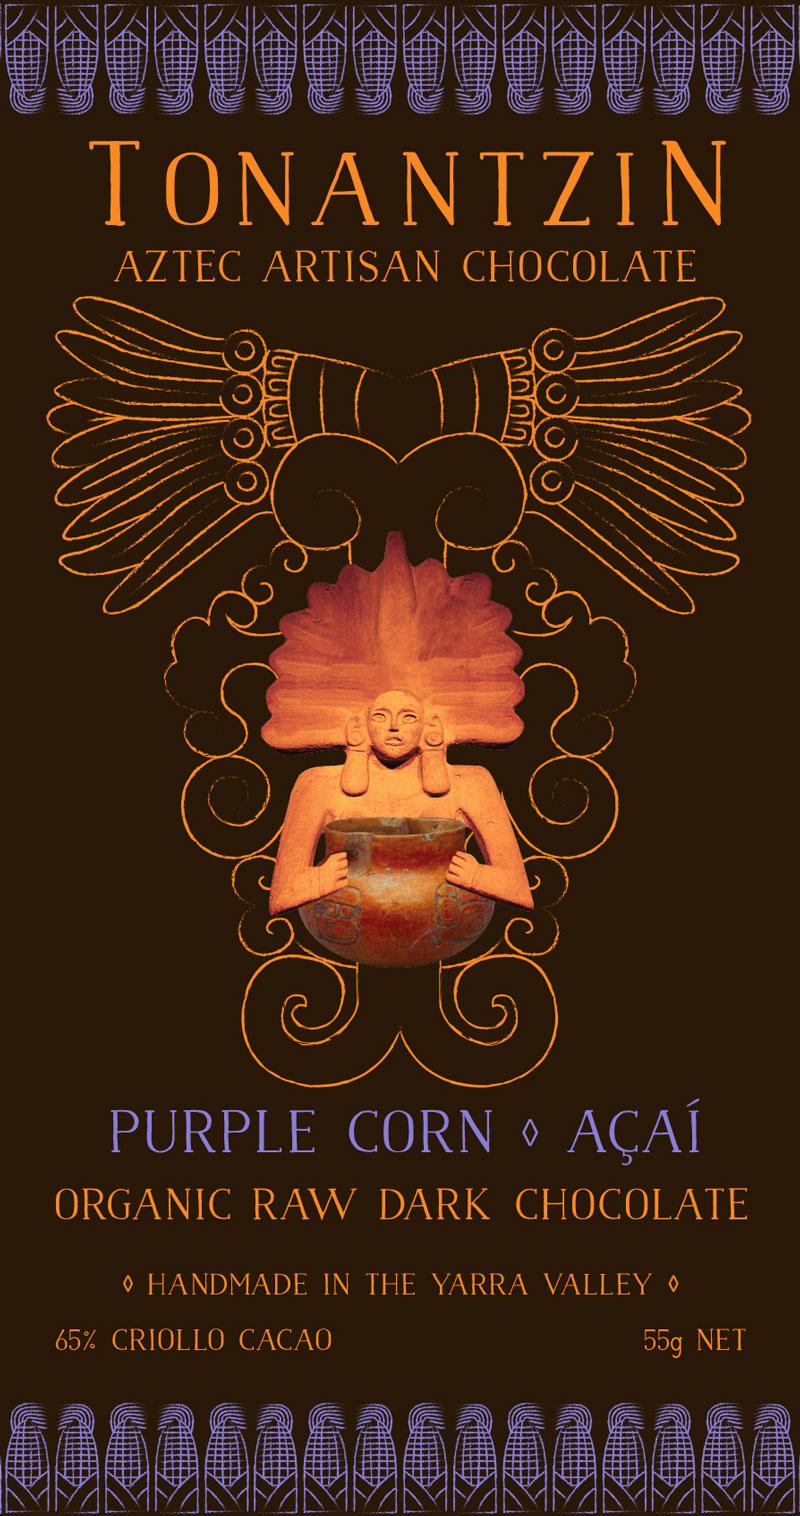 Purple Corn Acai